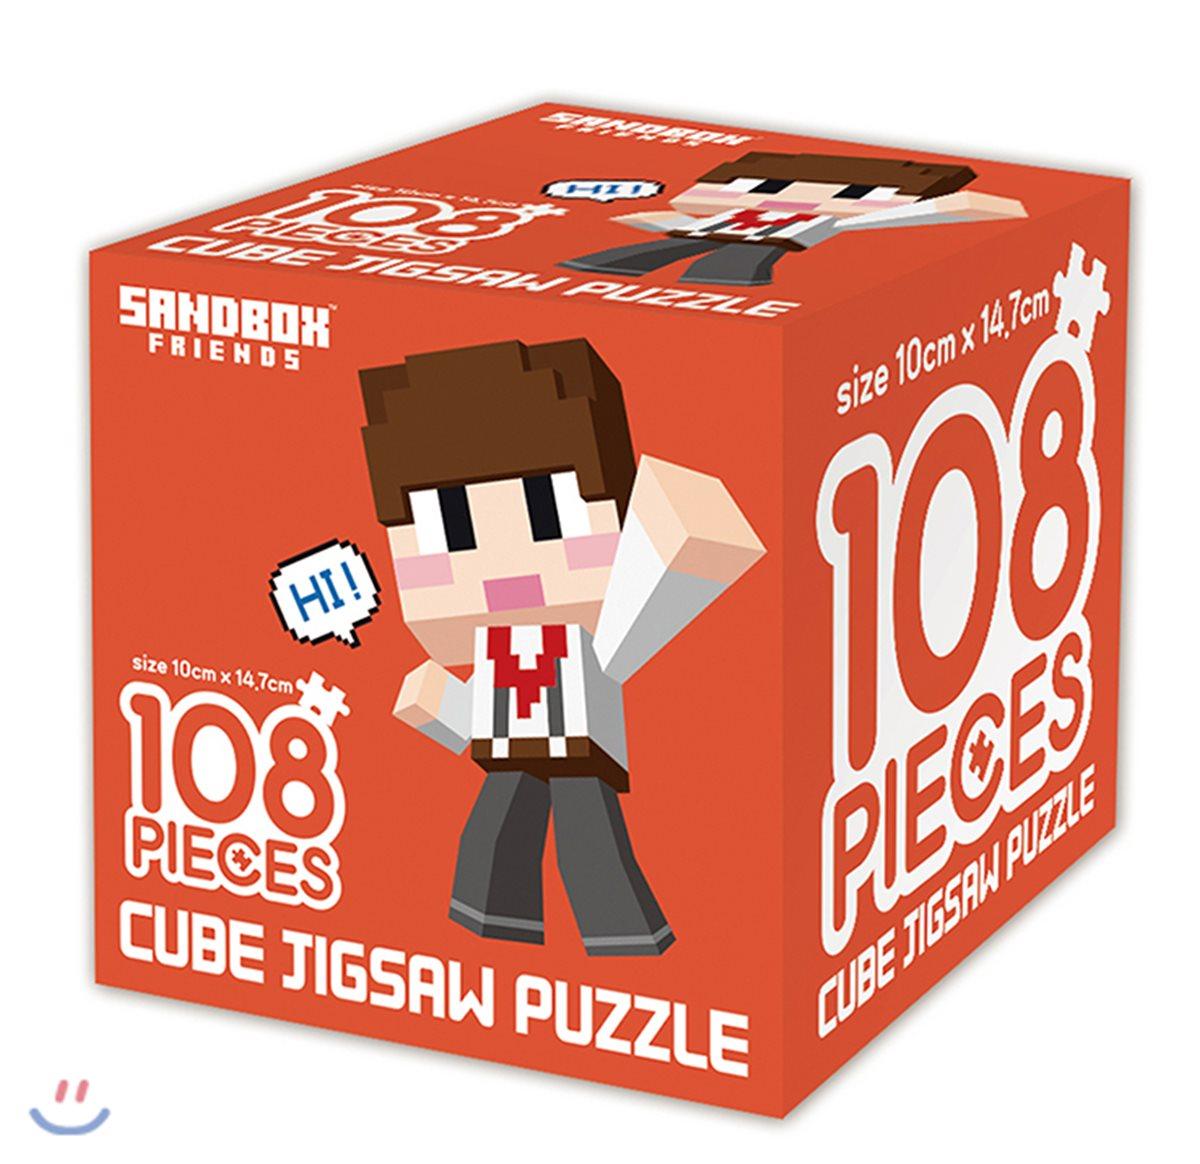 샌드박스 프렌즈 큐브 직소퍼즐 108 안녕, 도티